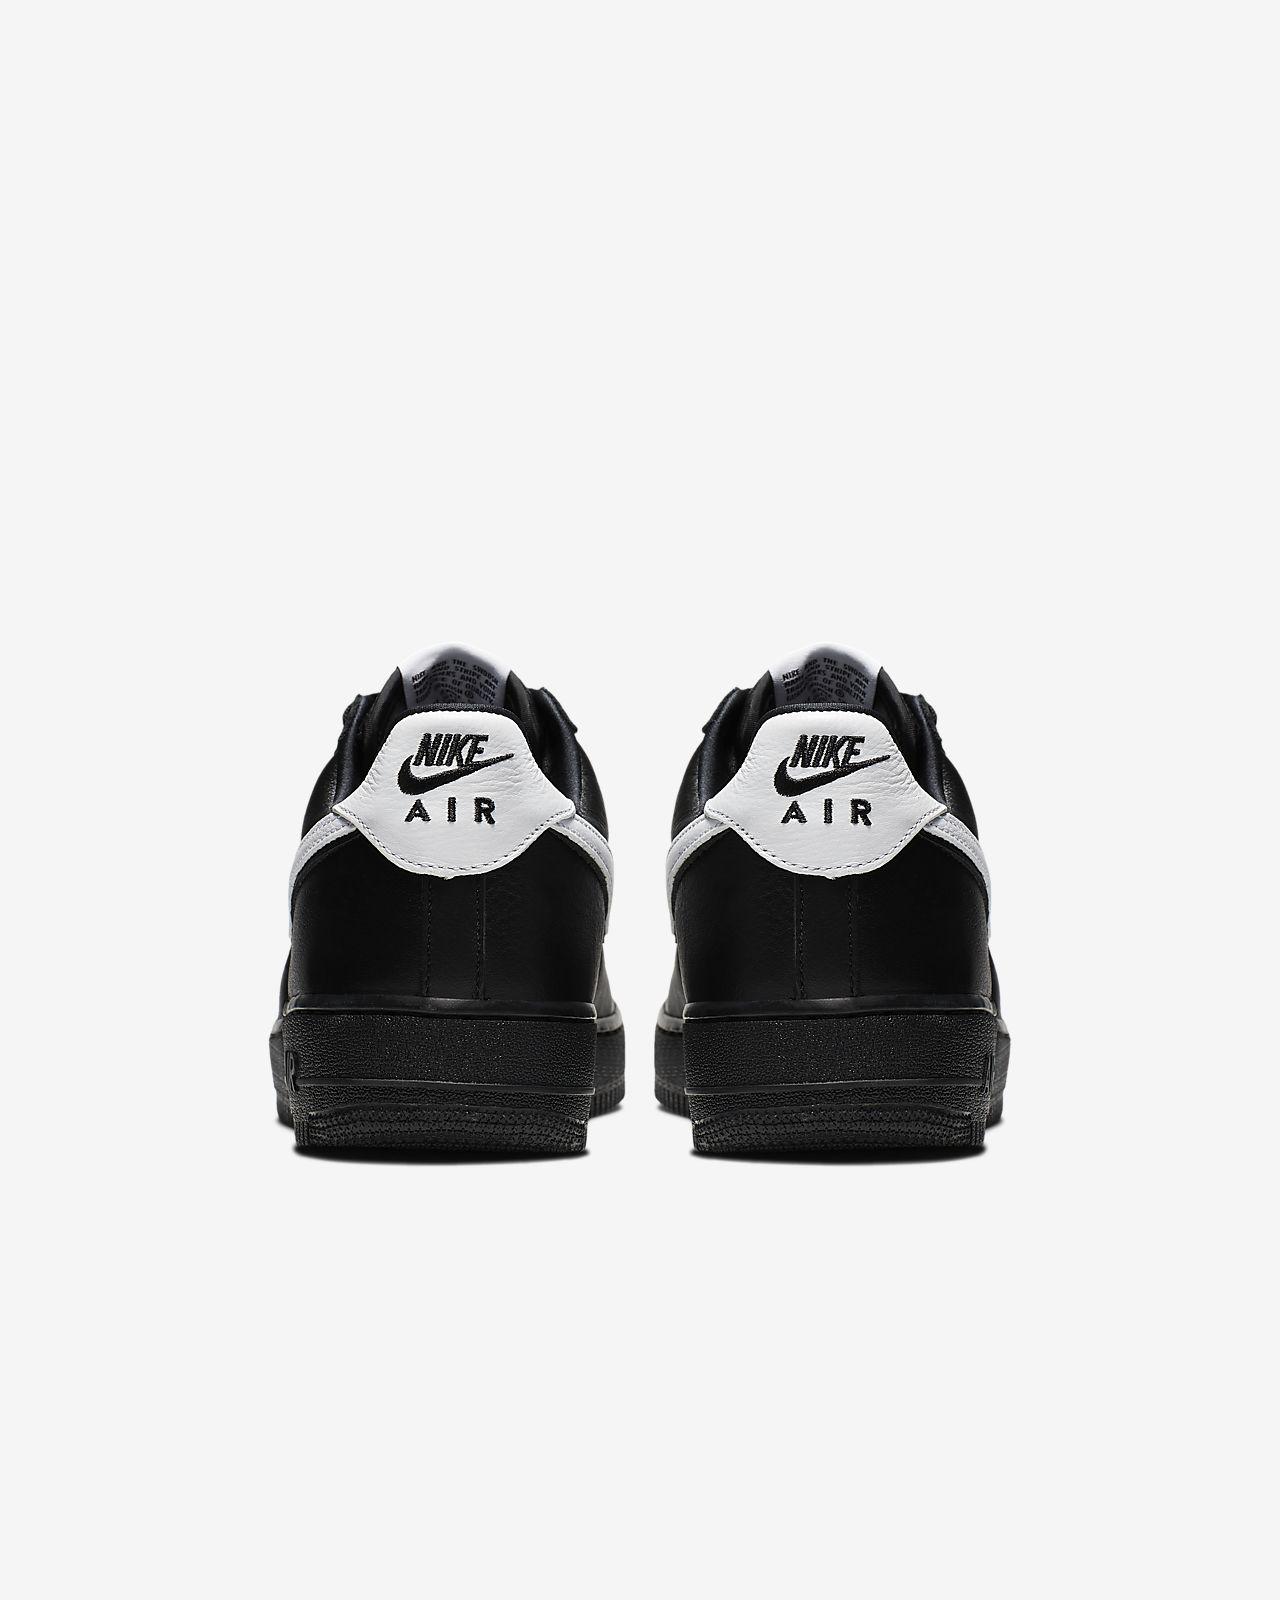 Nike Air Force 1 Low Retro Men's Shoe